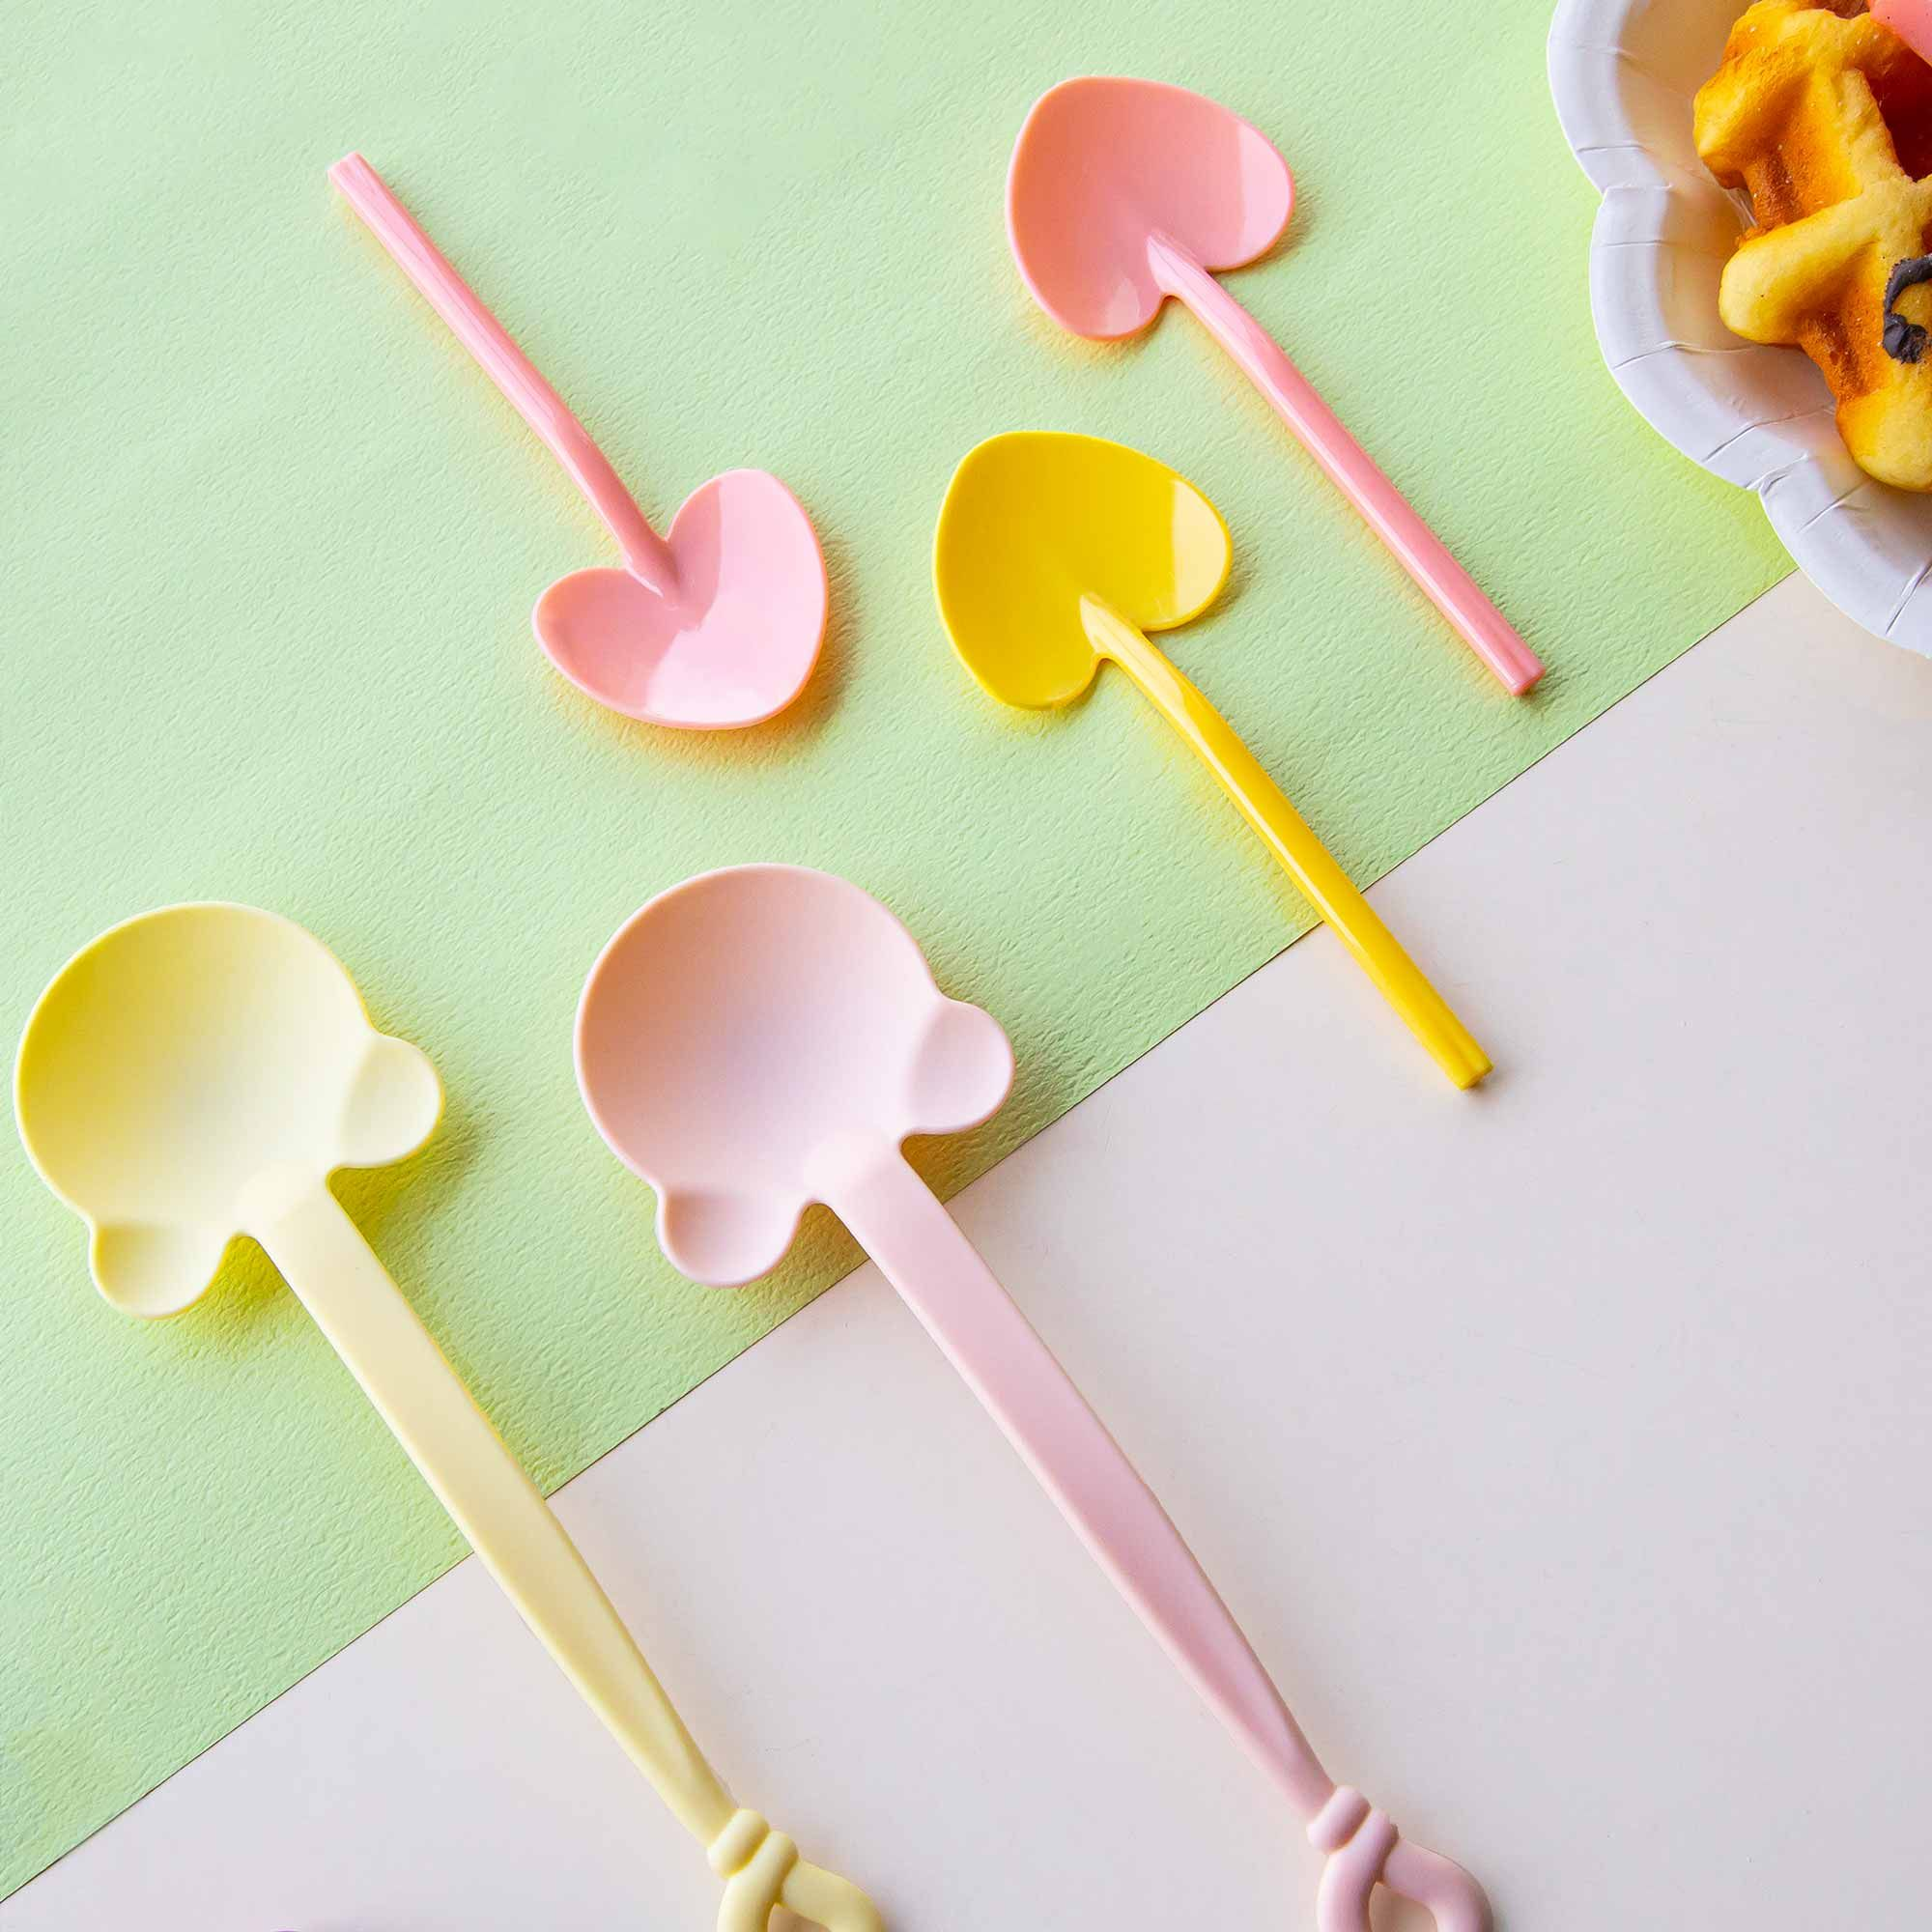 Plastic Spoon - High Quality Plastic Spoon